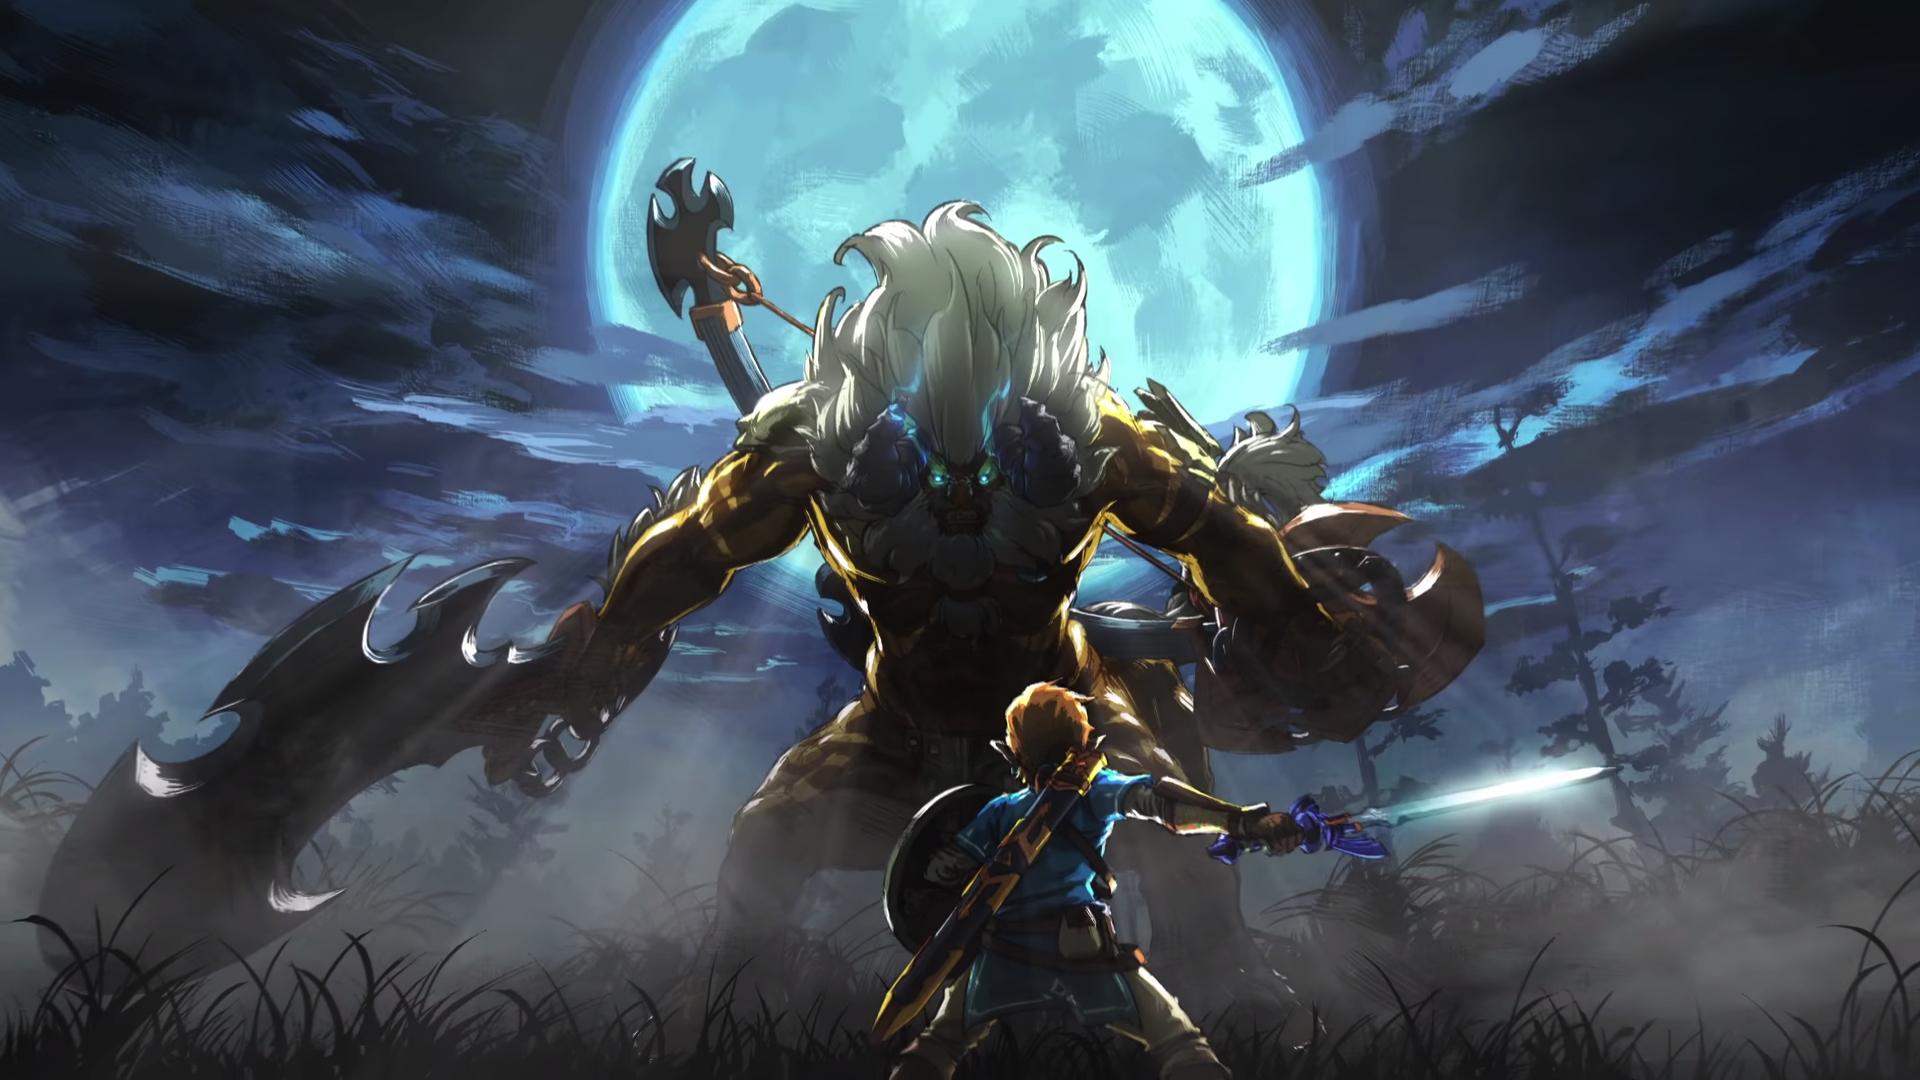 Zelda Breath Of The Wild Wallpaper 1080p: Desktop Wallpaper The Legend Of Zelda: Breath Of The Wild